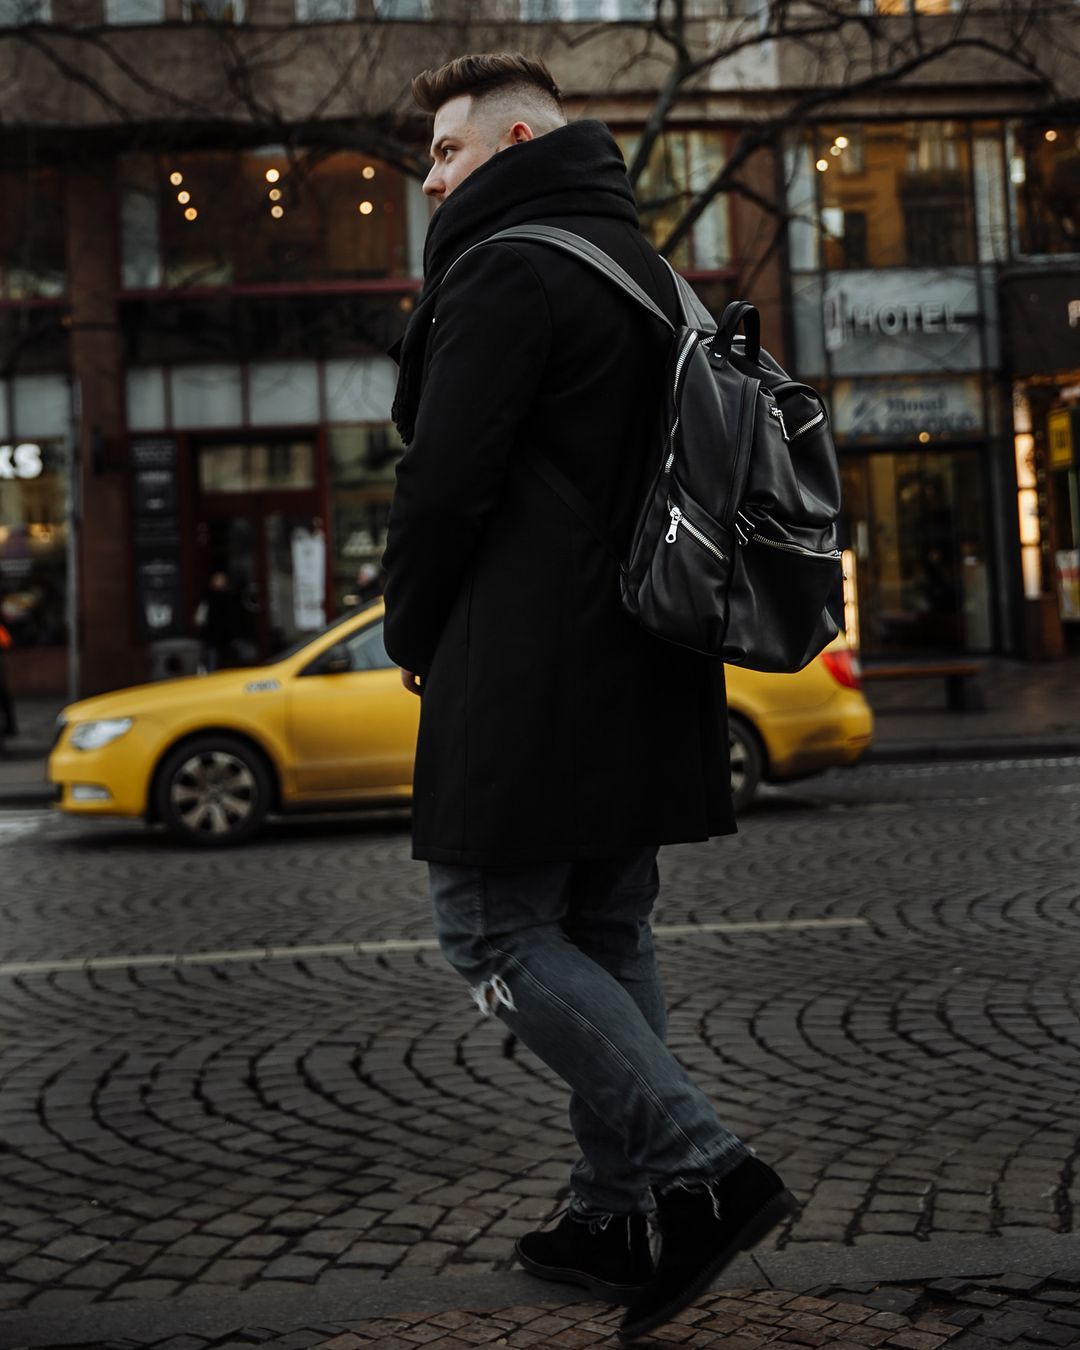 городская куртка фотографа ошибок стоит